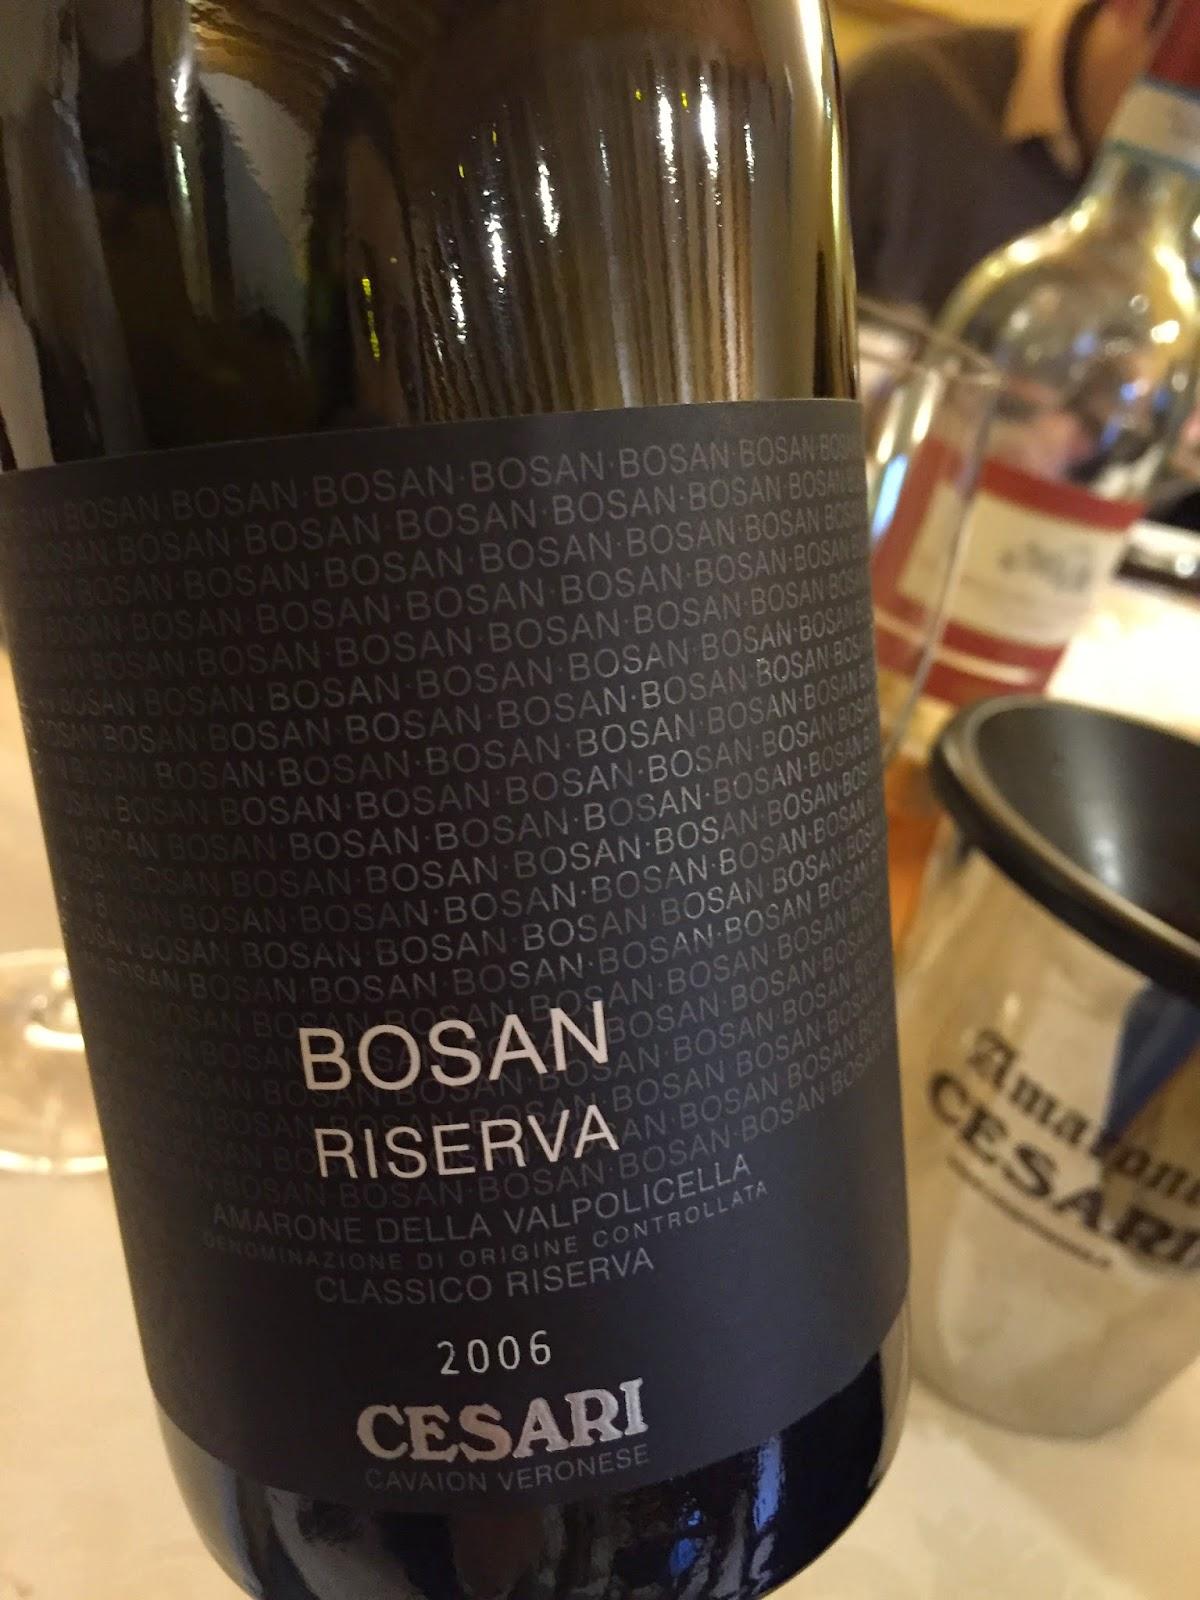 2006 Cesari Bosan Riserva